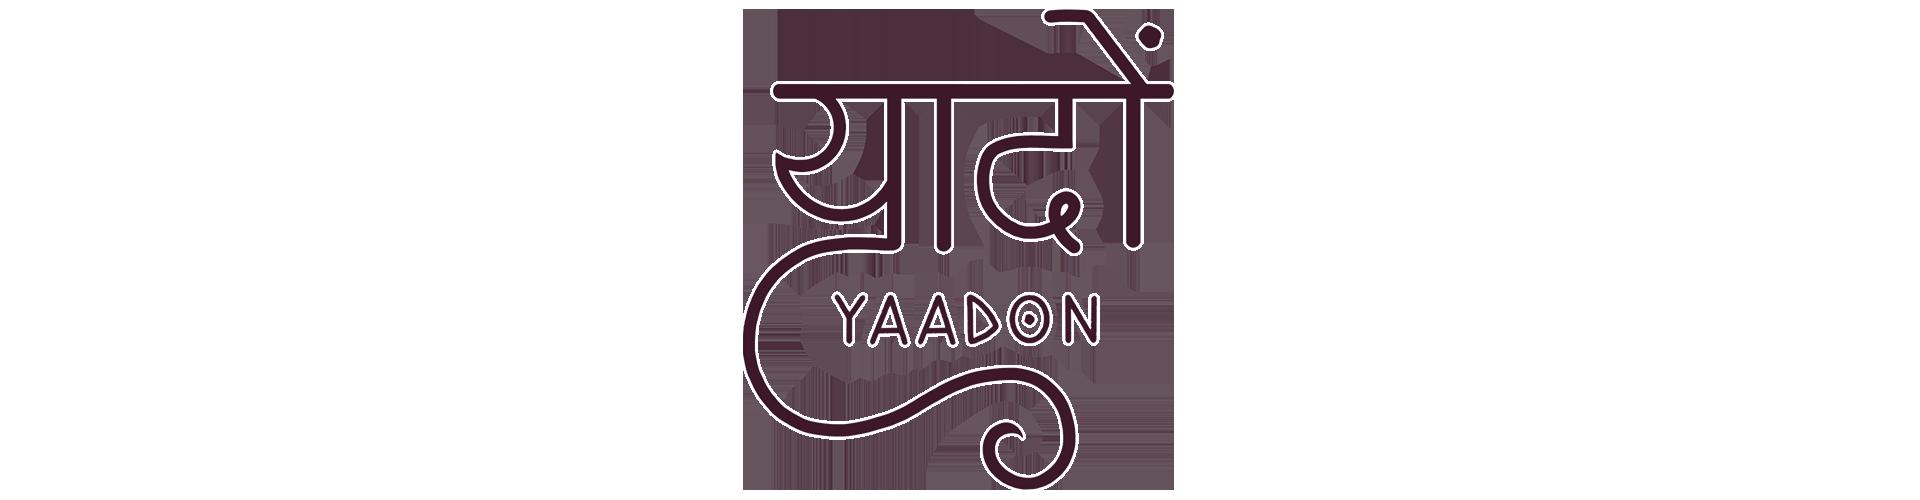 YAADON